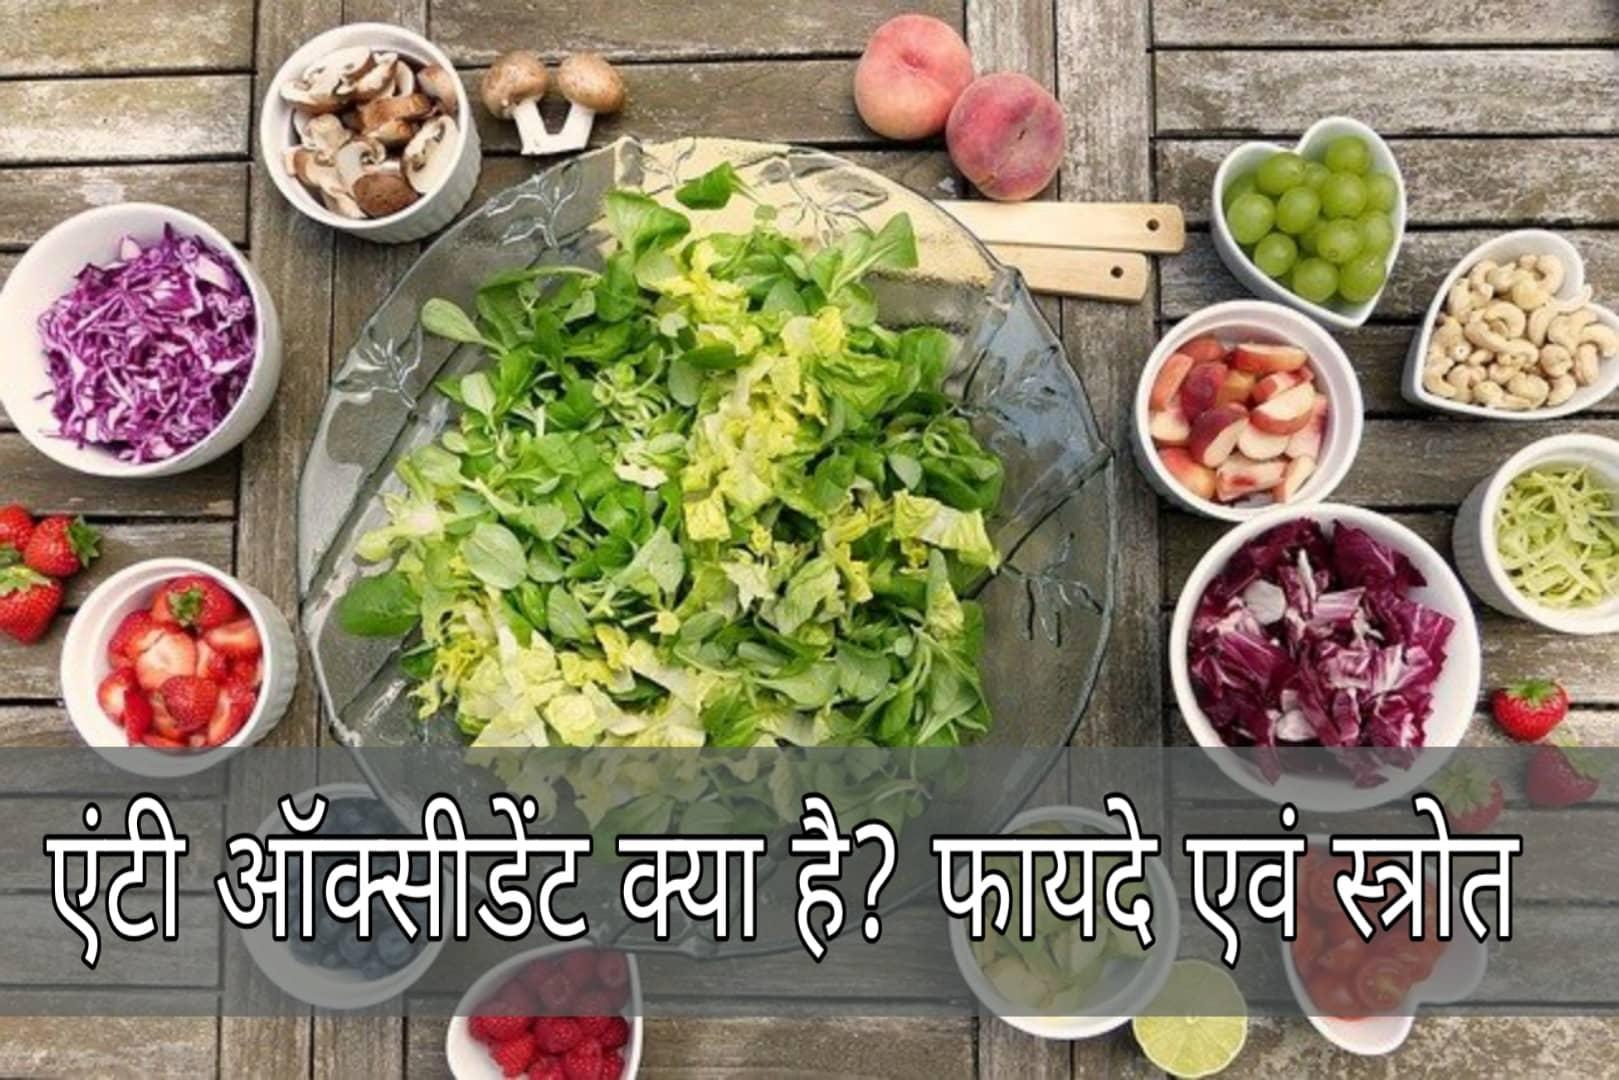 एंटी ऑक्सीडेंट क्या है? फायदे एवं स्त्रोत – What is Antioxidant in Hindi